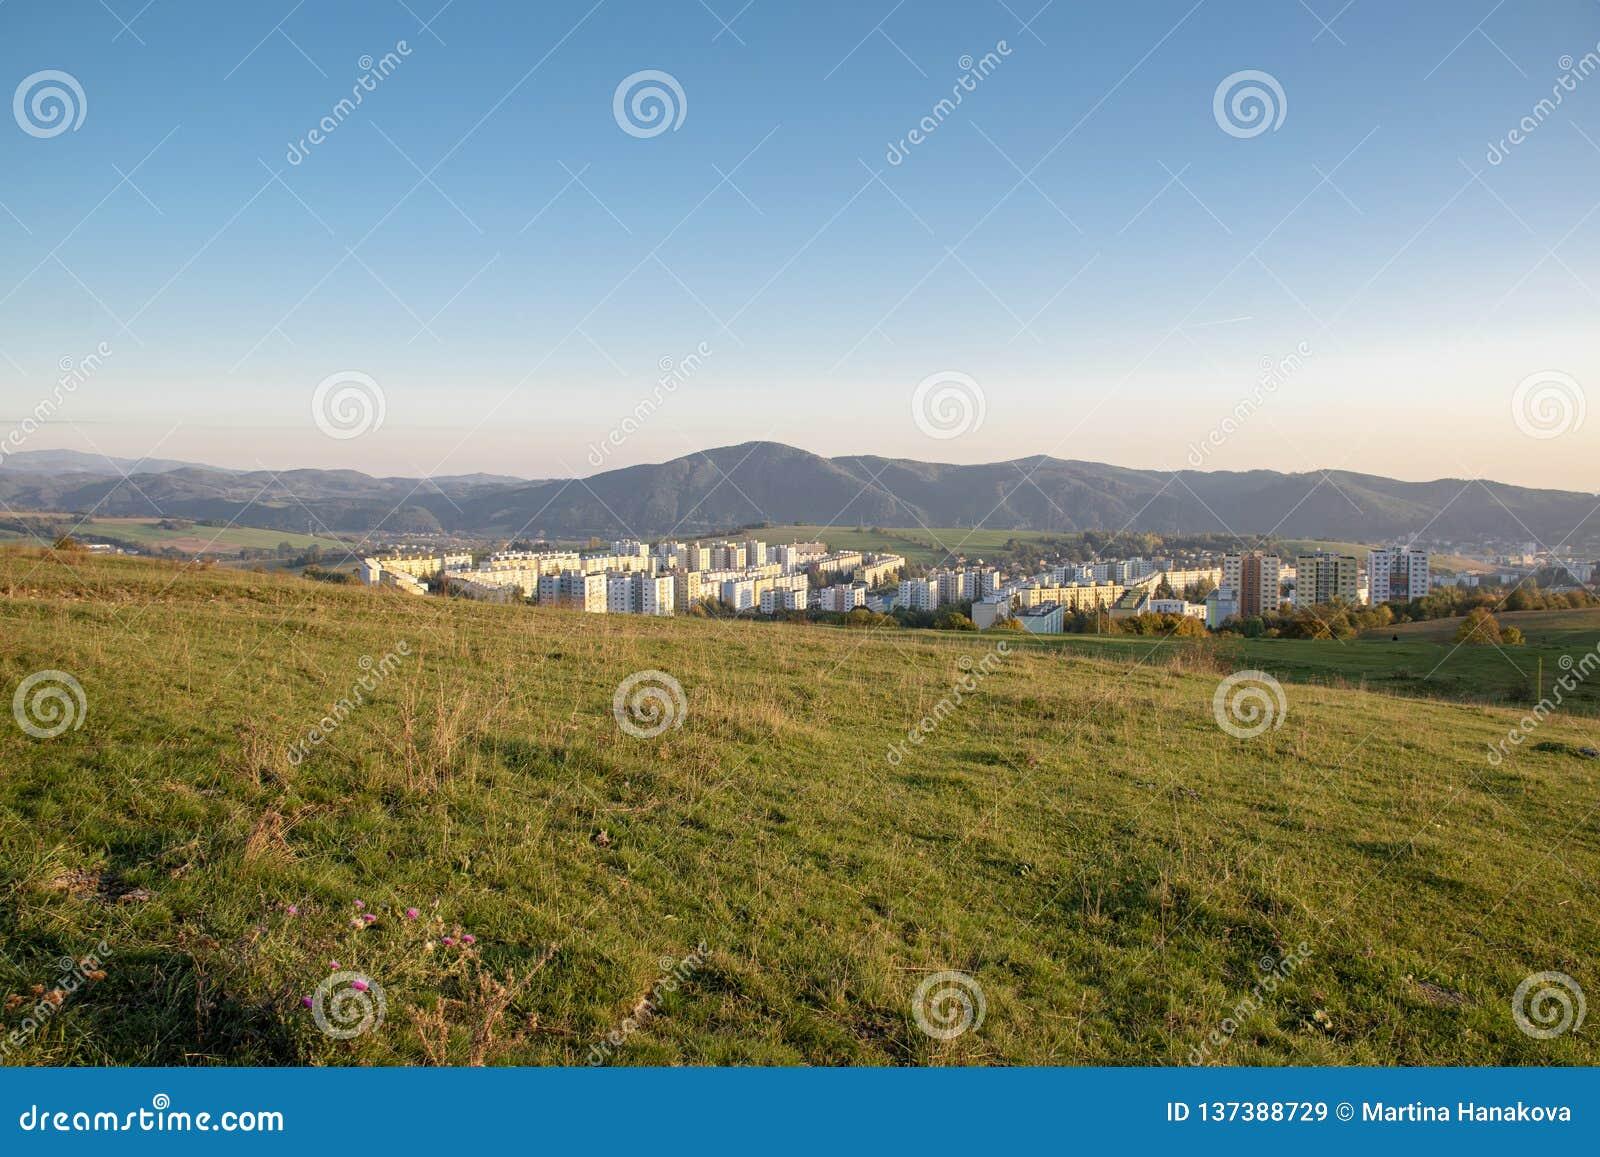 Блок квартир в долине